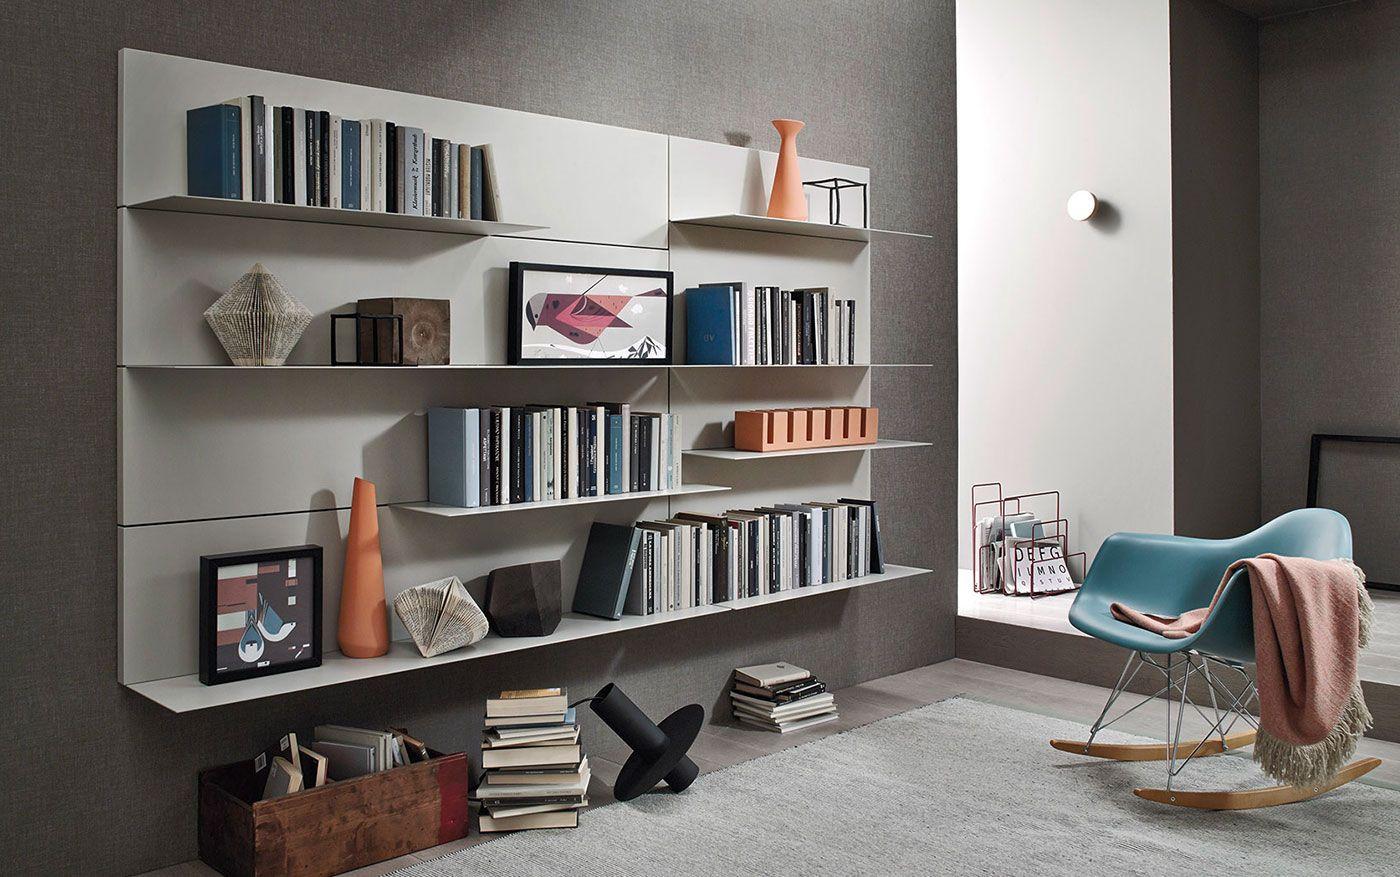 Wohnzimmermöbel designermöbel  Wohnwand Lampo L5C38 - Möbel / Wohnzimmermöbel / Möbel für ...